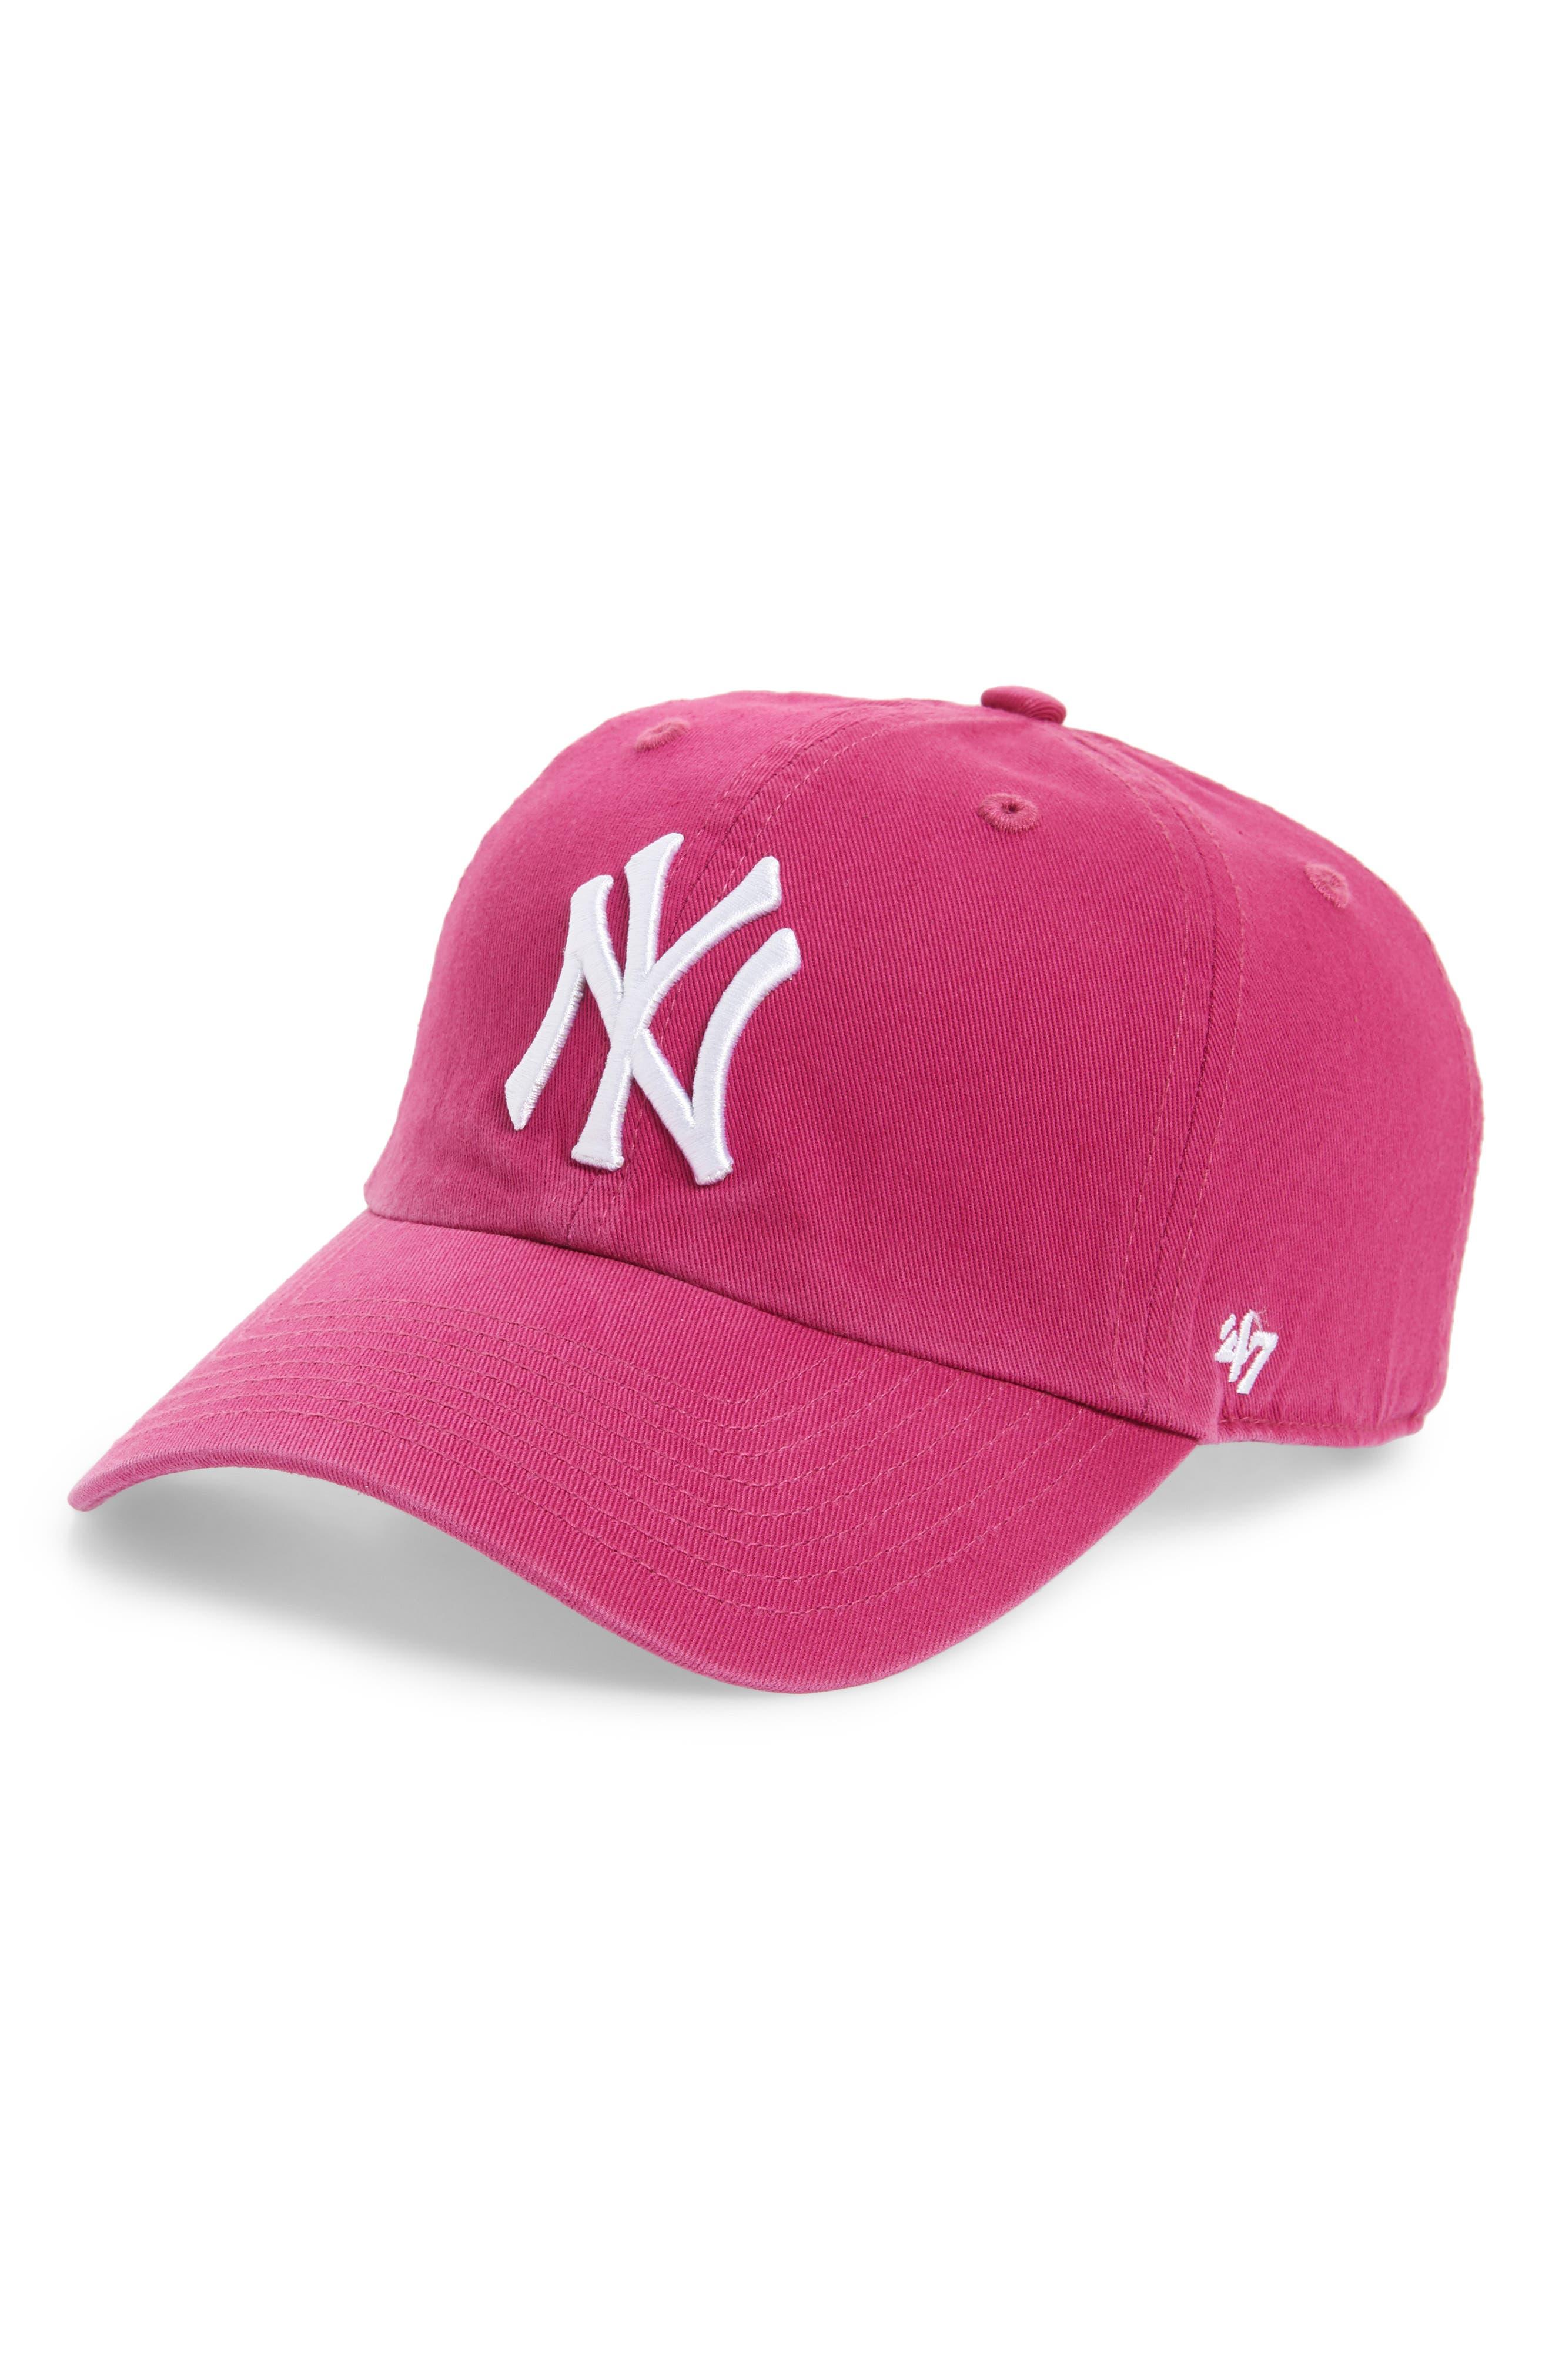 '47 Clean Up New York Yankees Baseball Cap